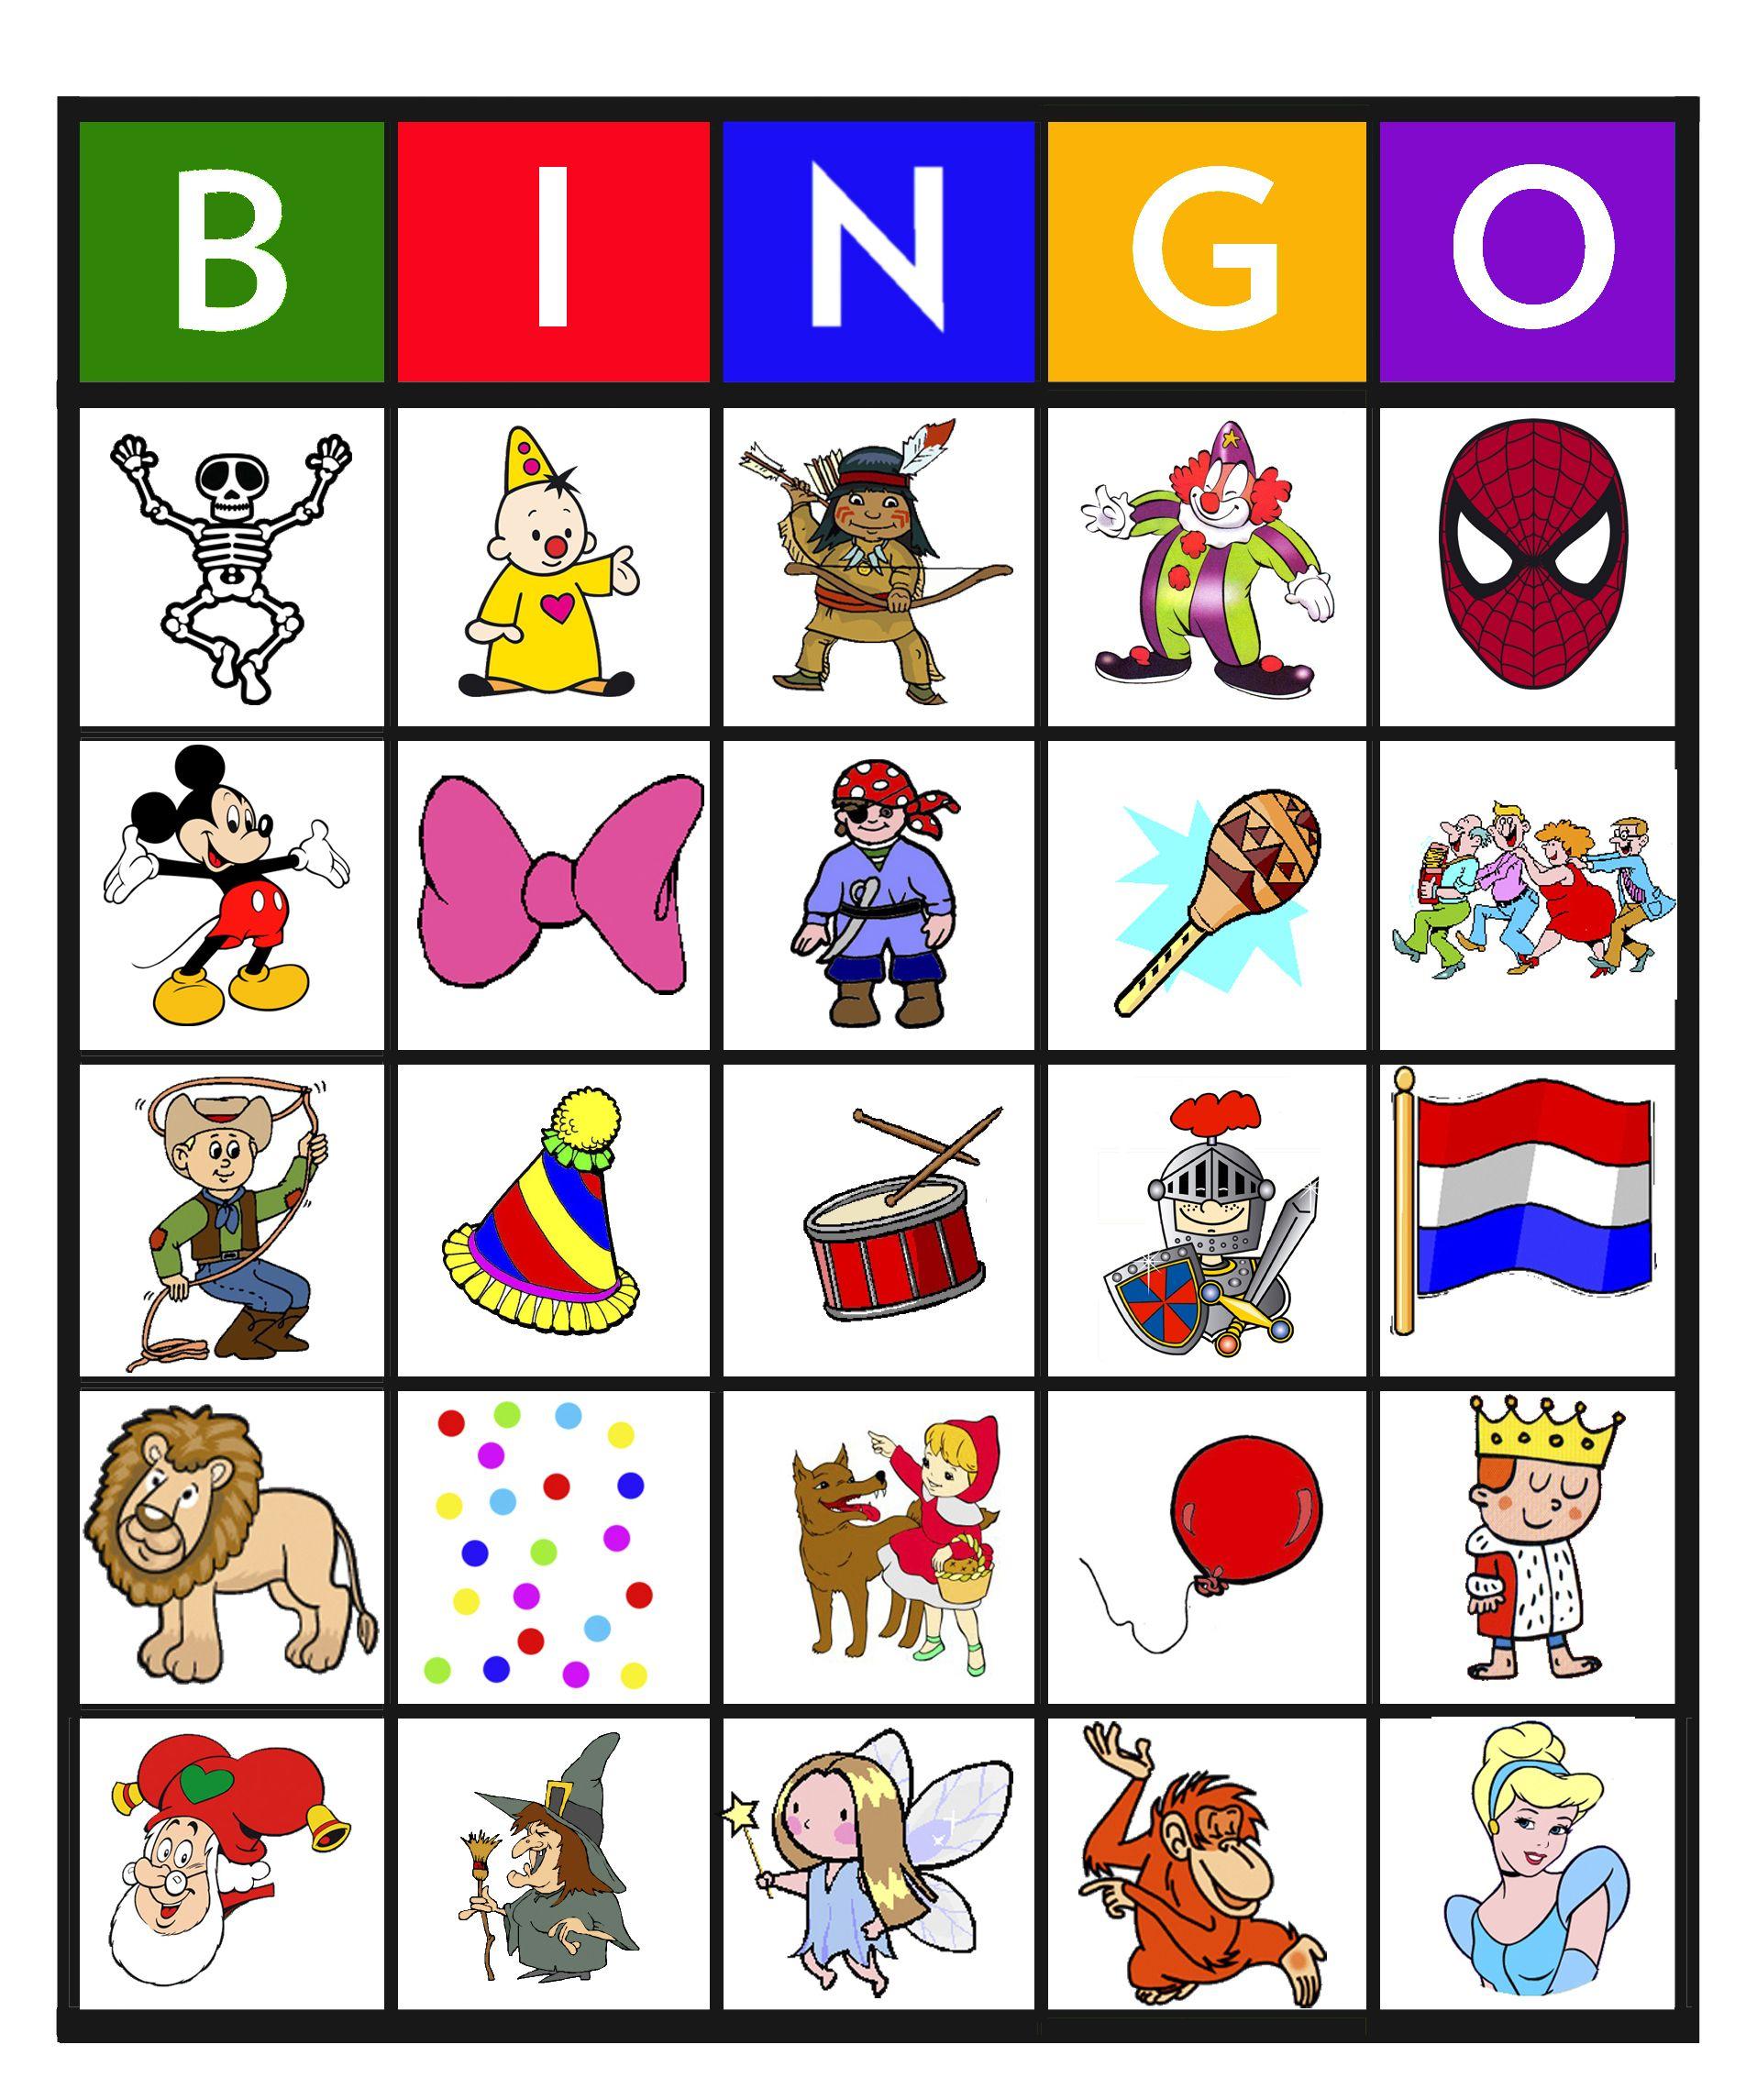 Astropay retiros juegos bingo Knights com-975795